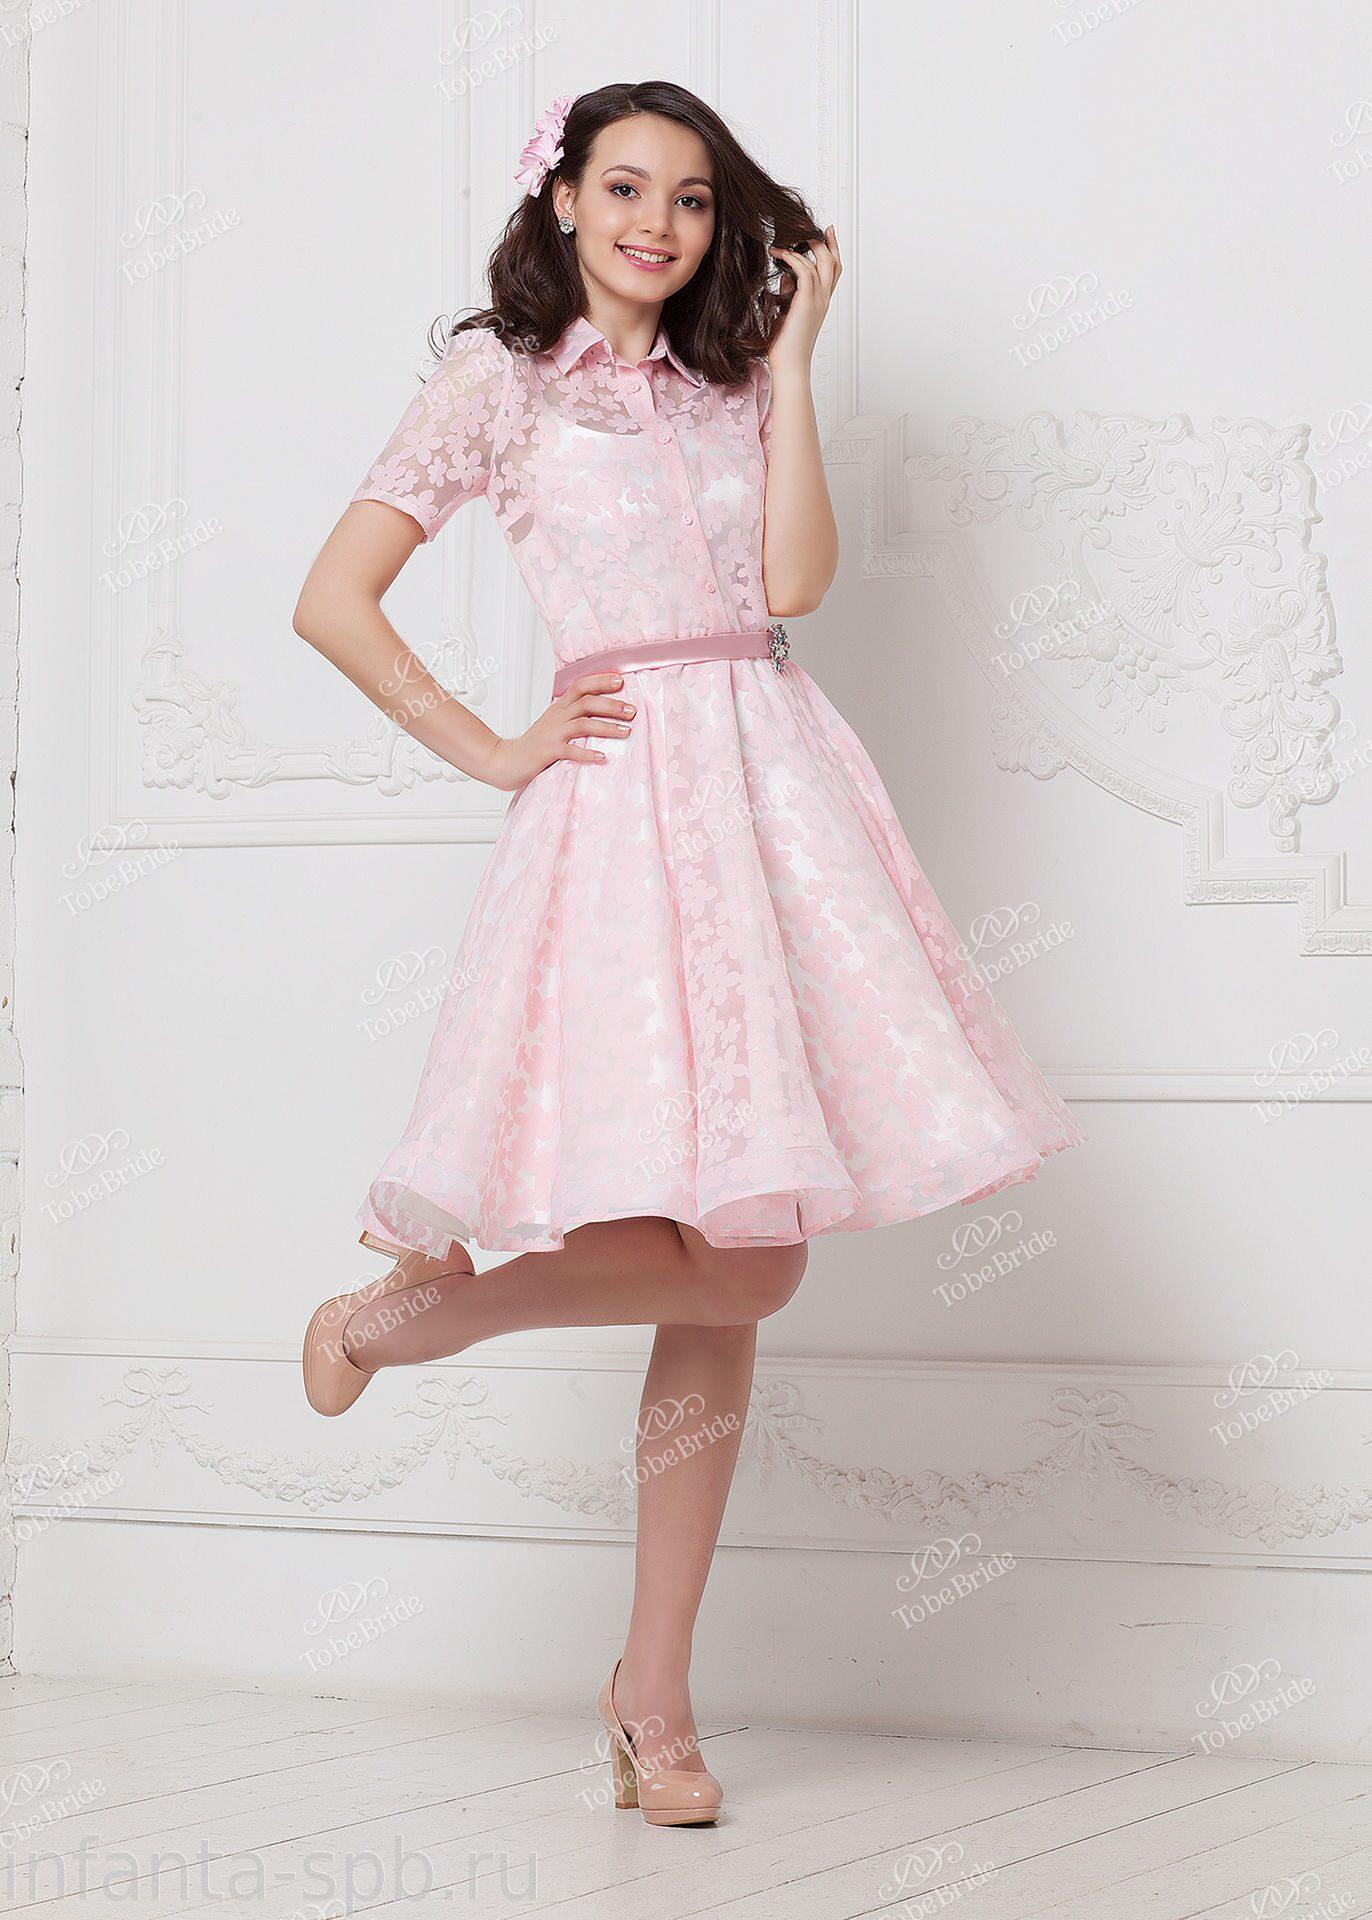 05a7a987967 Самое самое красивое платье на выпускной купить в Санкт Петербурге